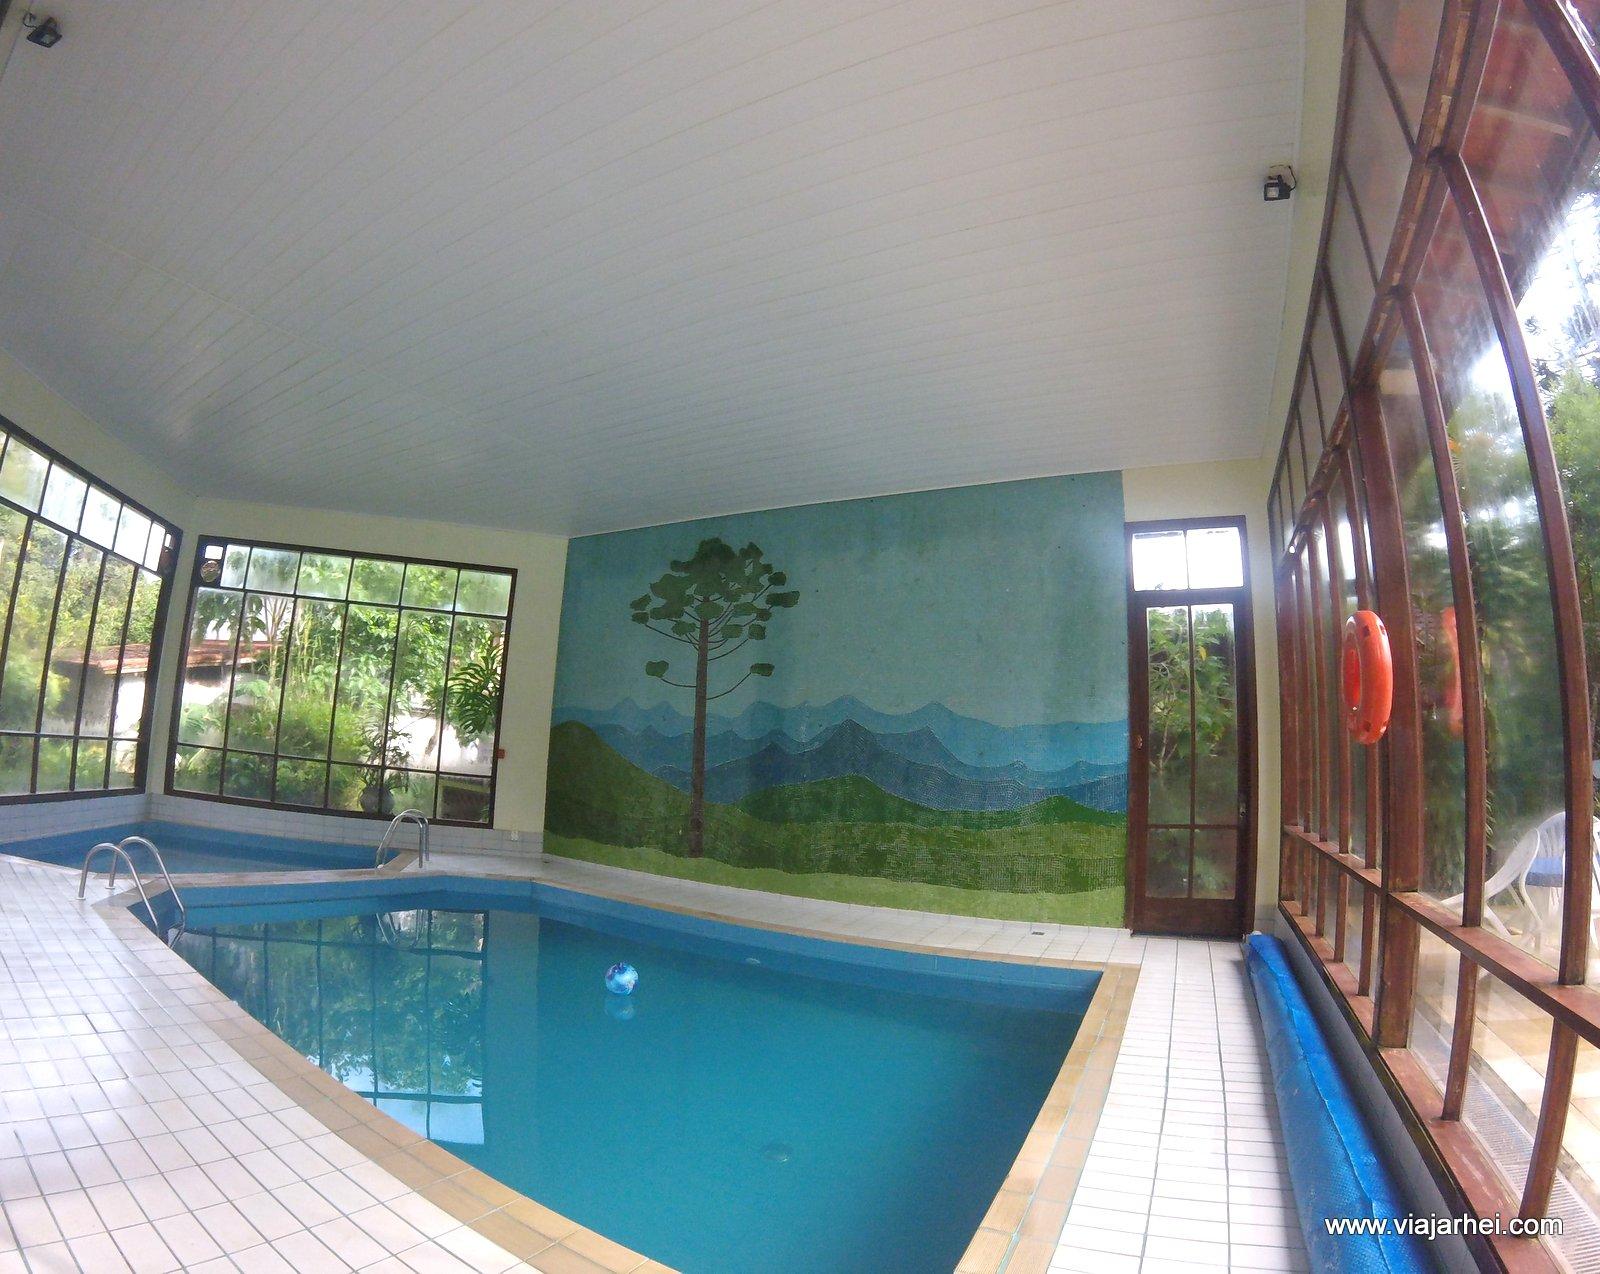 Hotel Bühler, em Visconde de Mauá - RJ - www.viajarhei.com